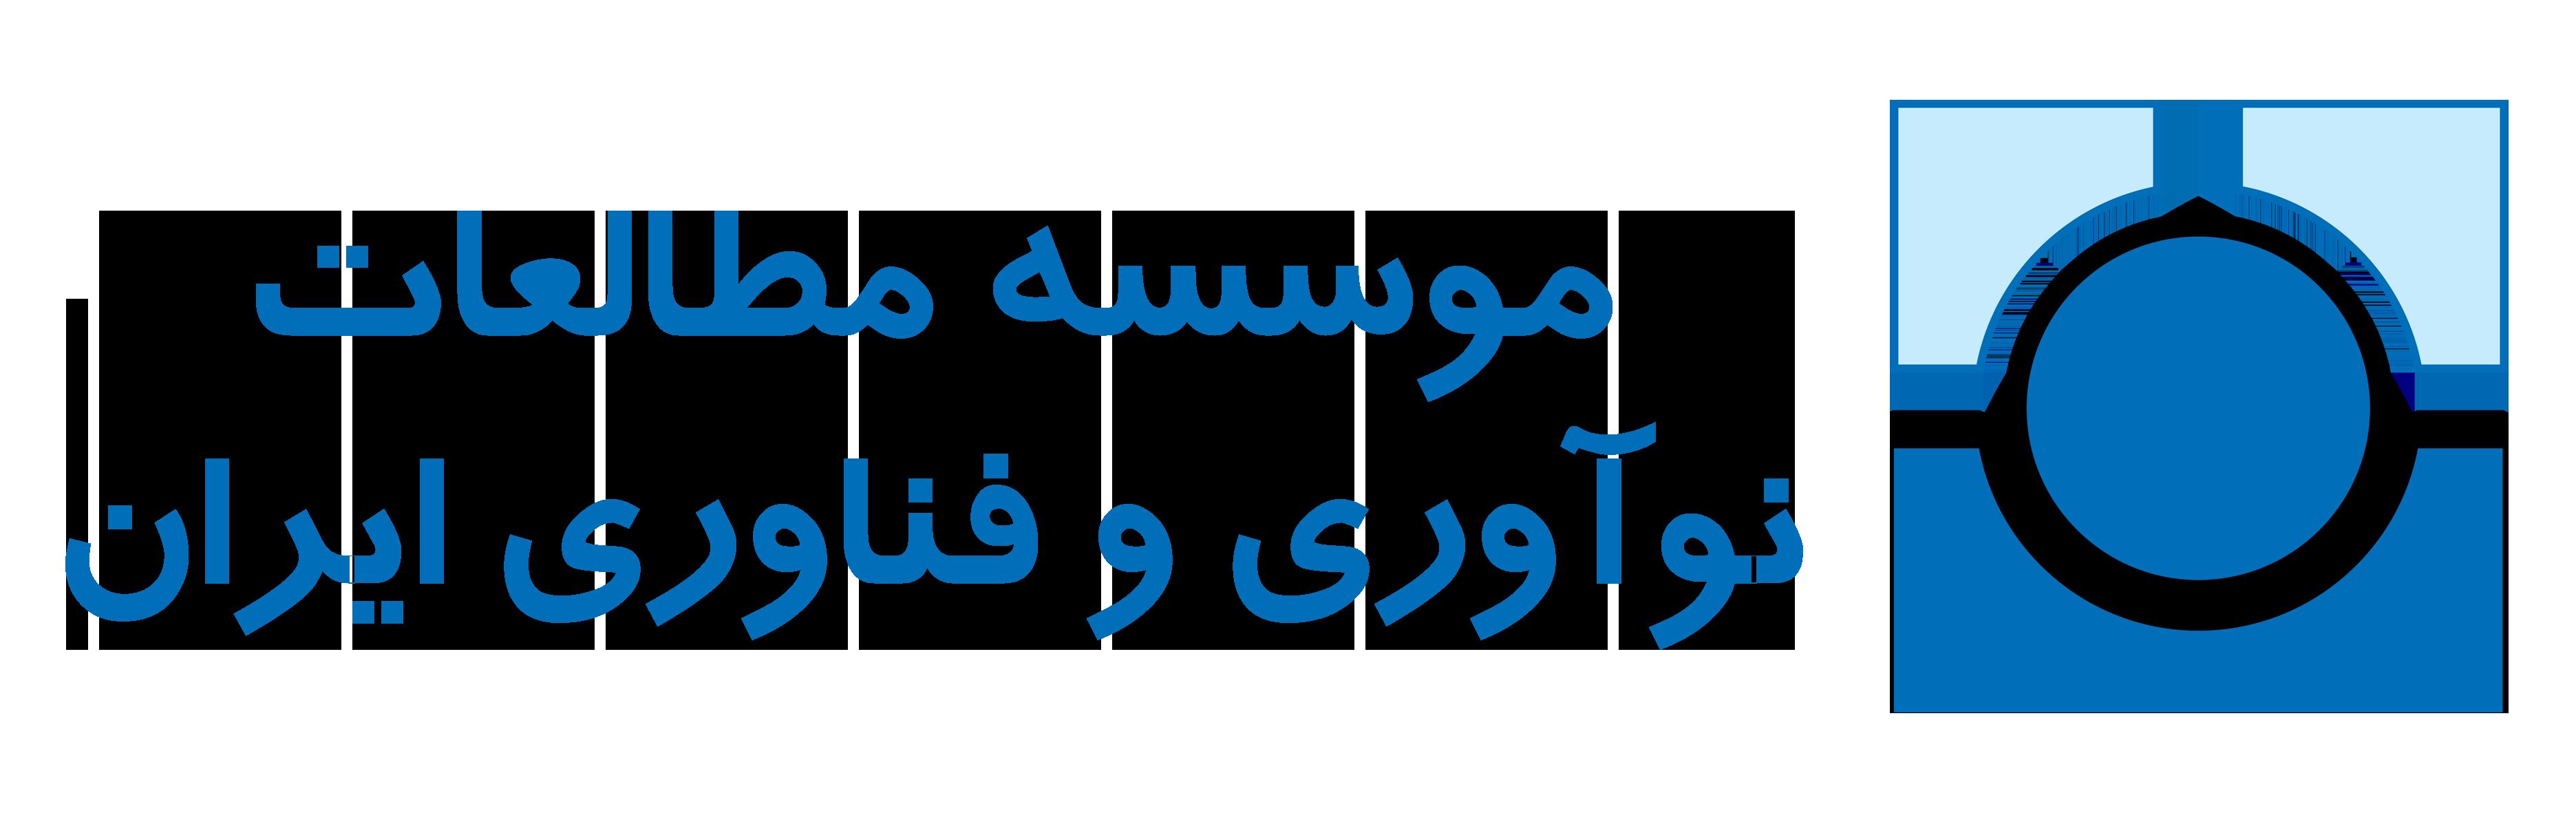 موسسه مطالعات نوآوری و فناوری ایران